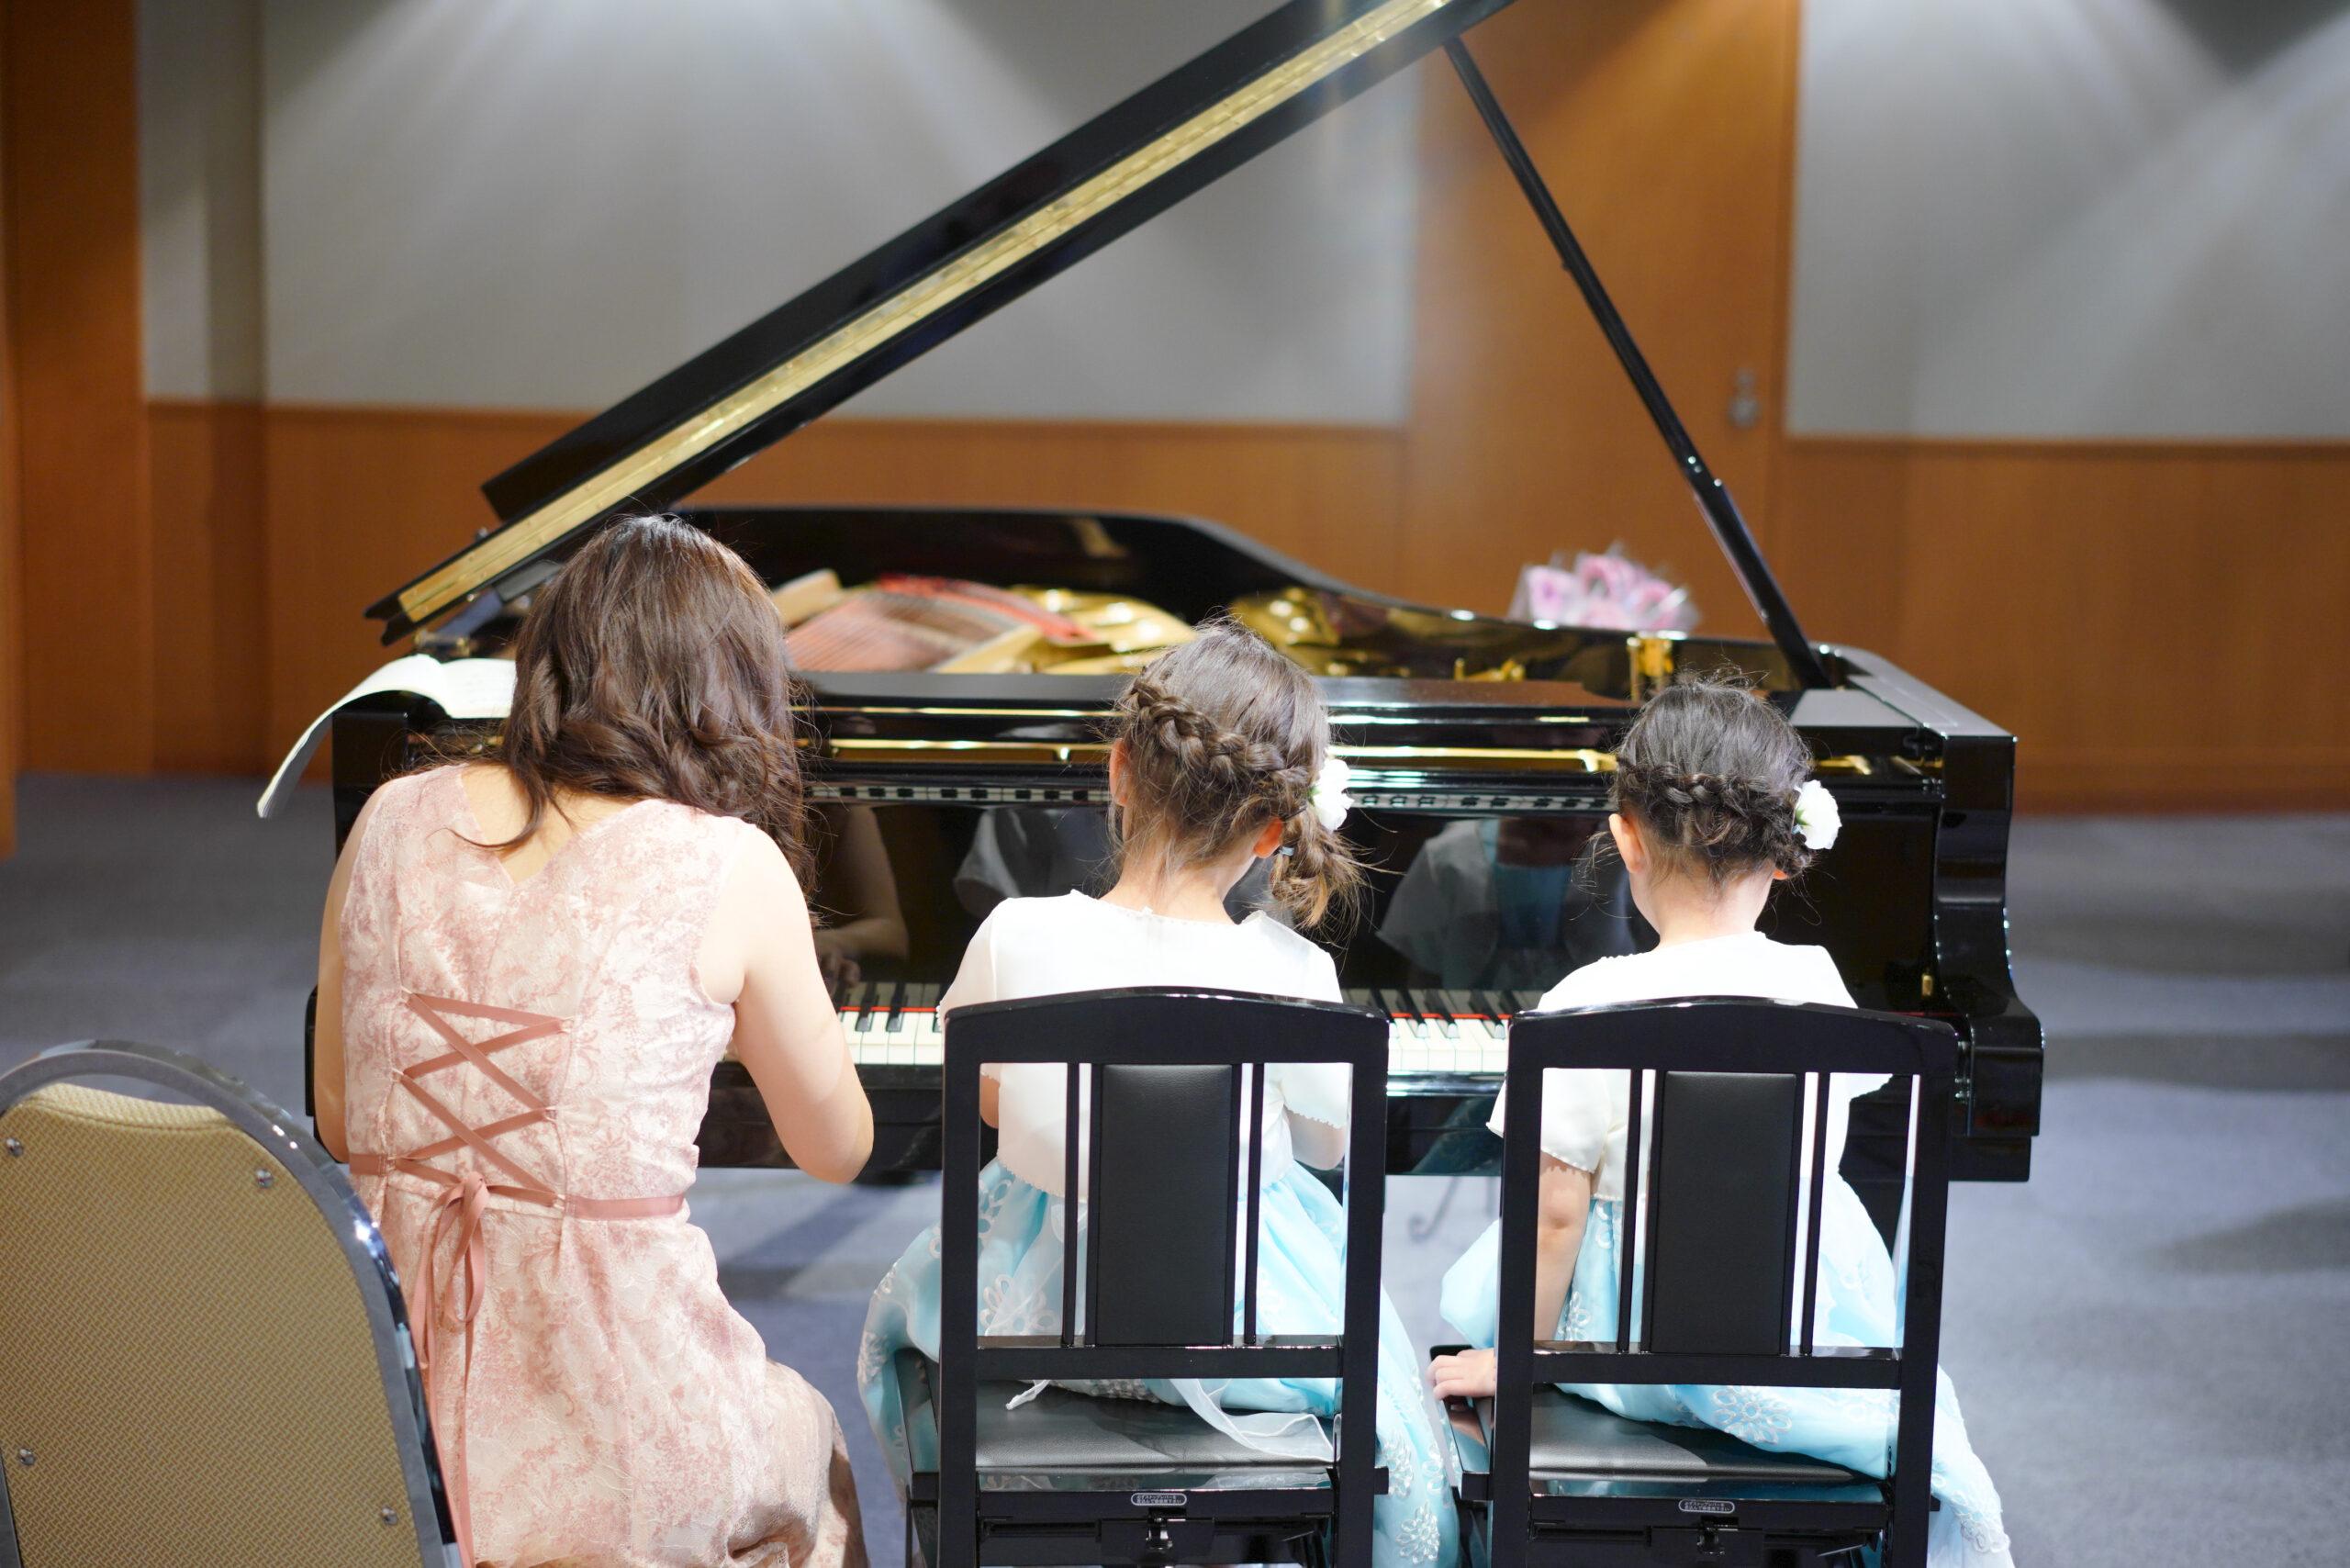 戸田みはる 千葉 ピアノ教室 リトミック